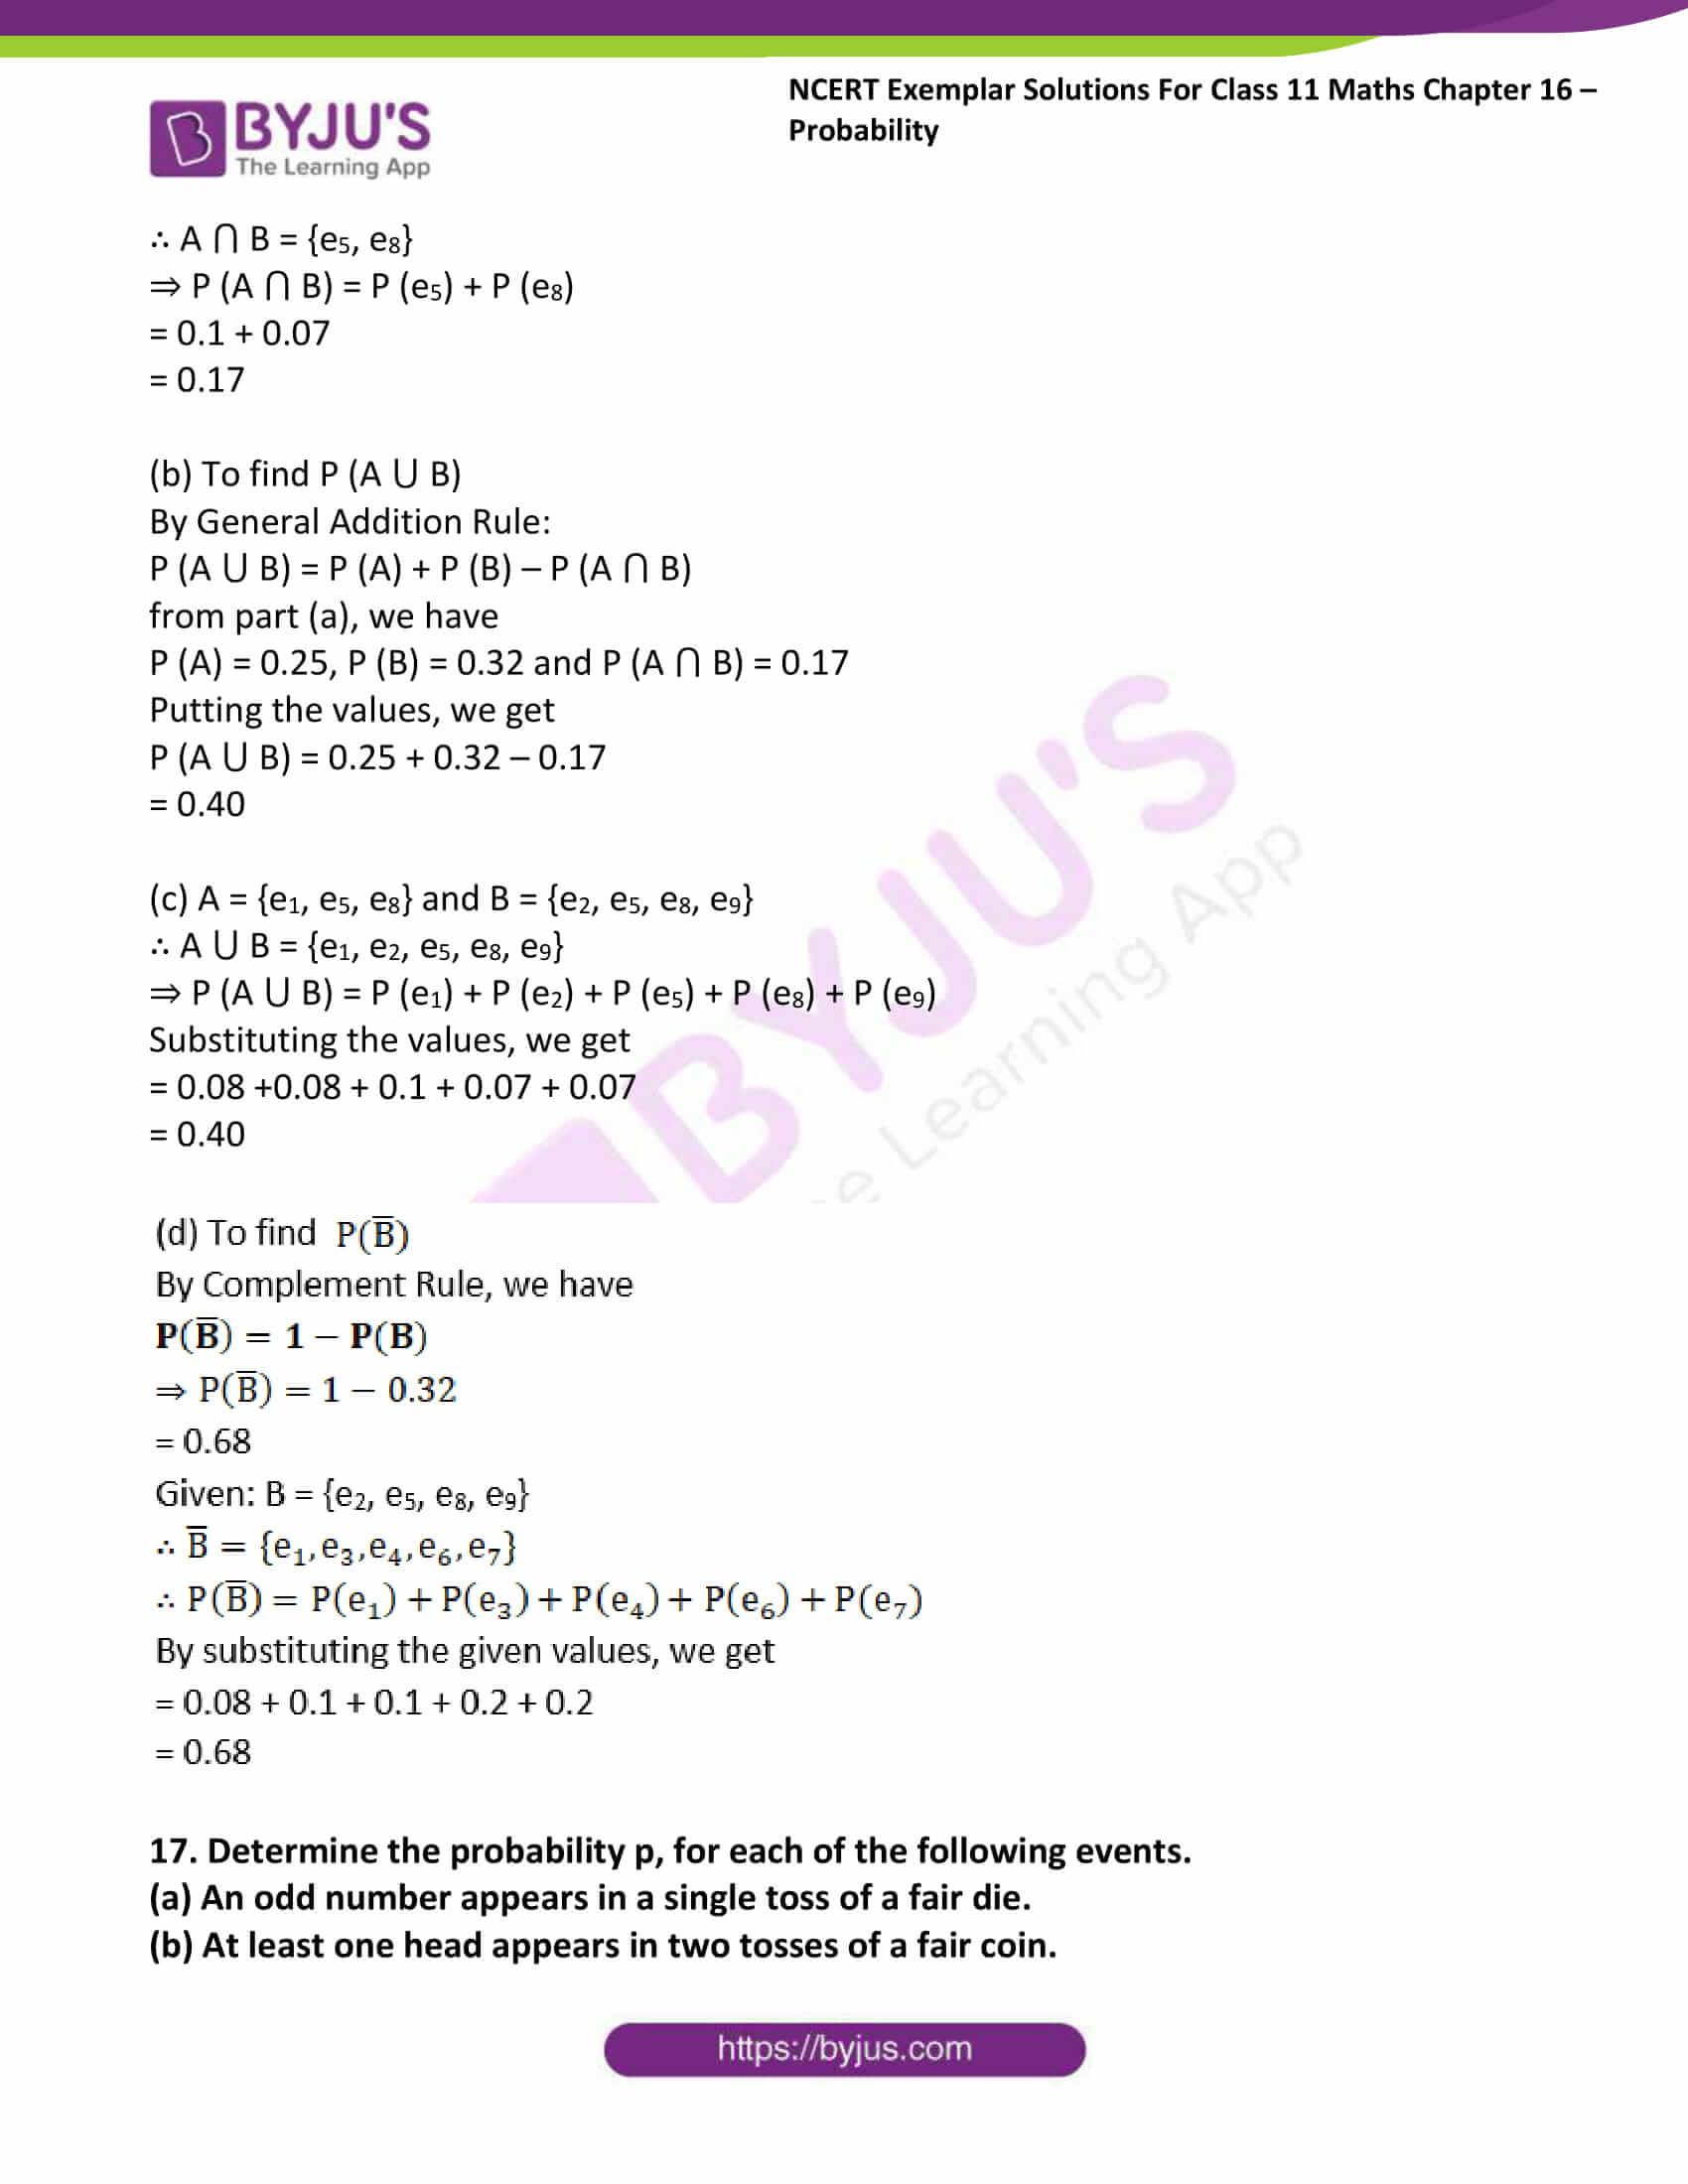 ncert exemplar sol class 11 maths chpt 16 probability 21